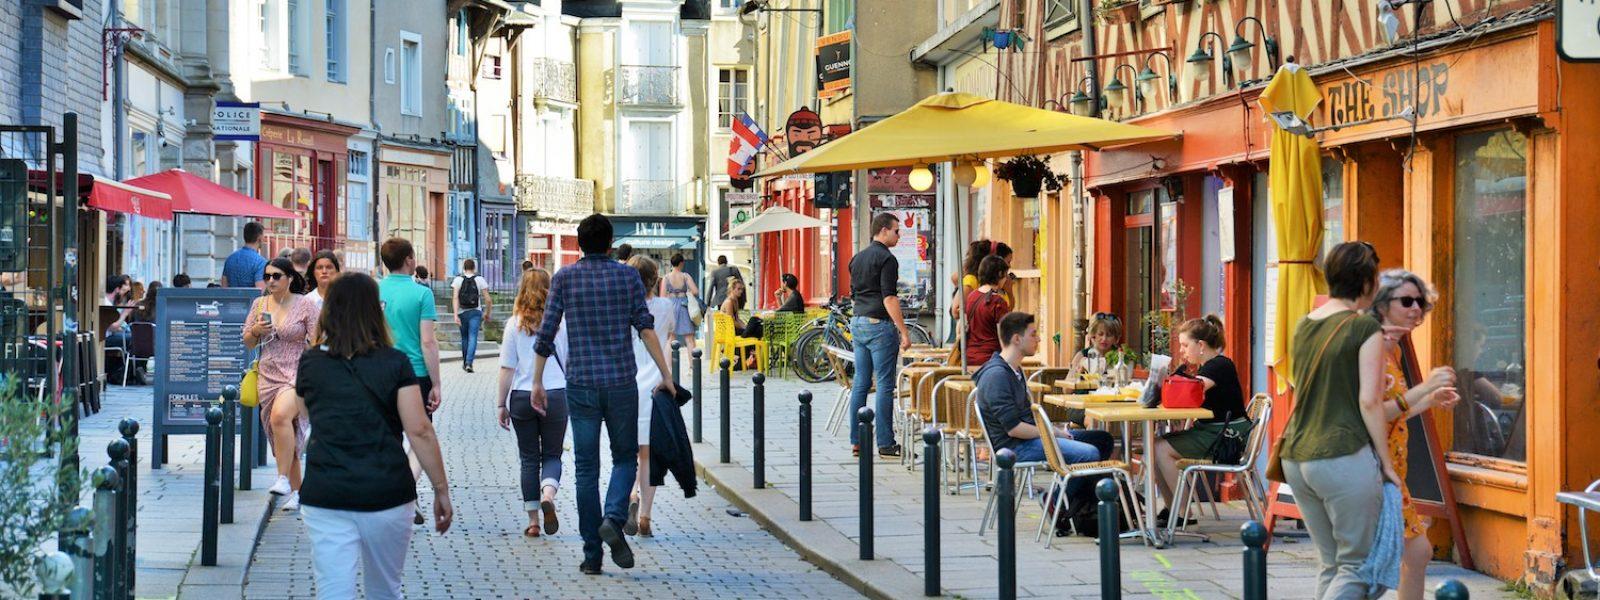 Balade dans les rues de Rennes